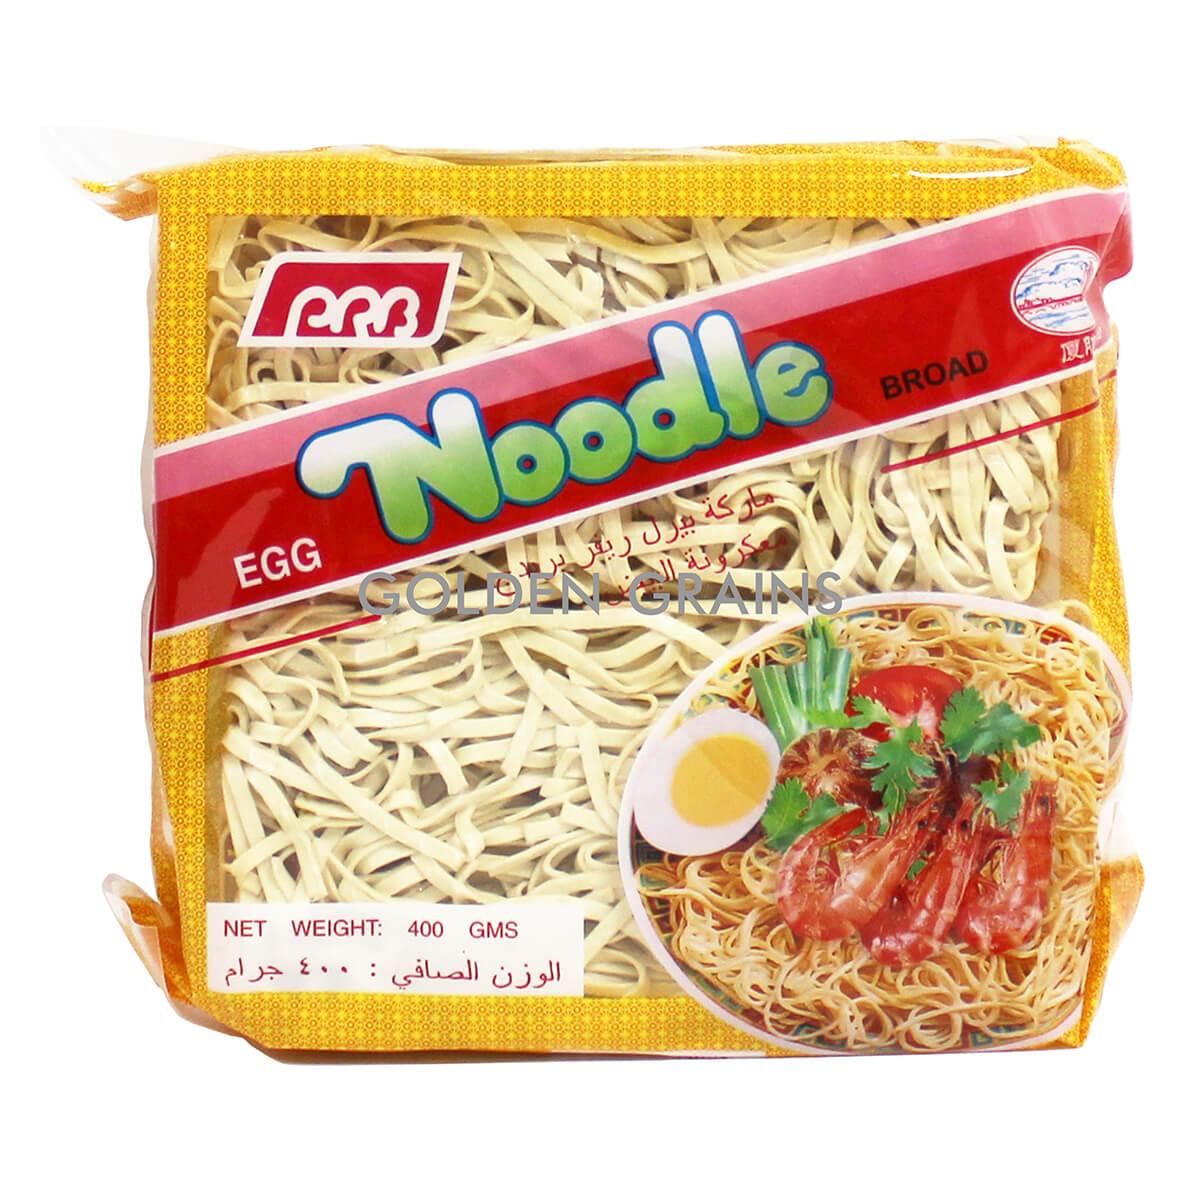 PRB - Egg Noodles — Golden Grains | Food supplier and